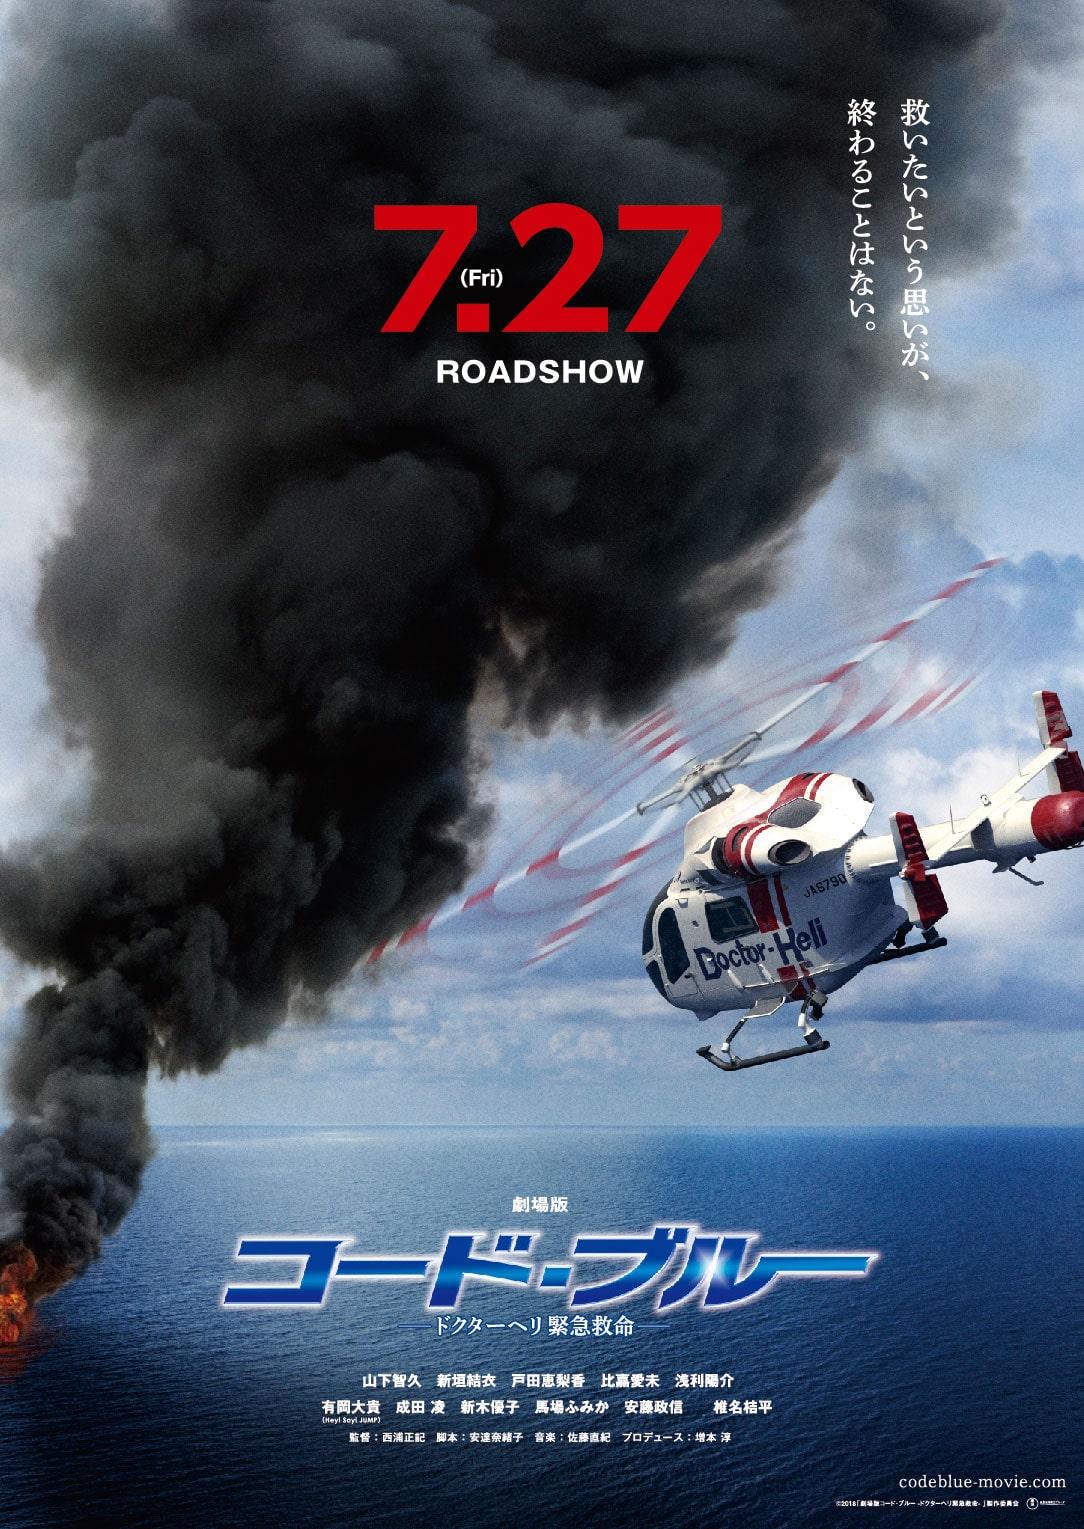 ブルー 無料 コード 動画 3